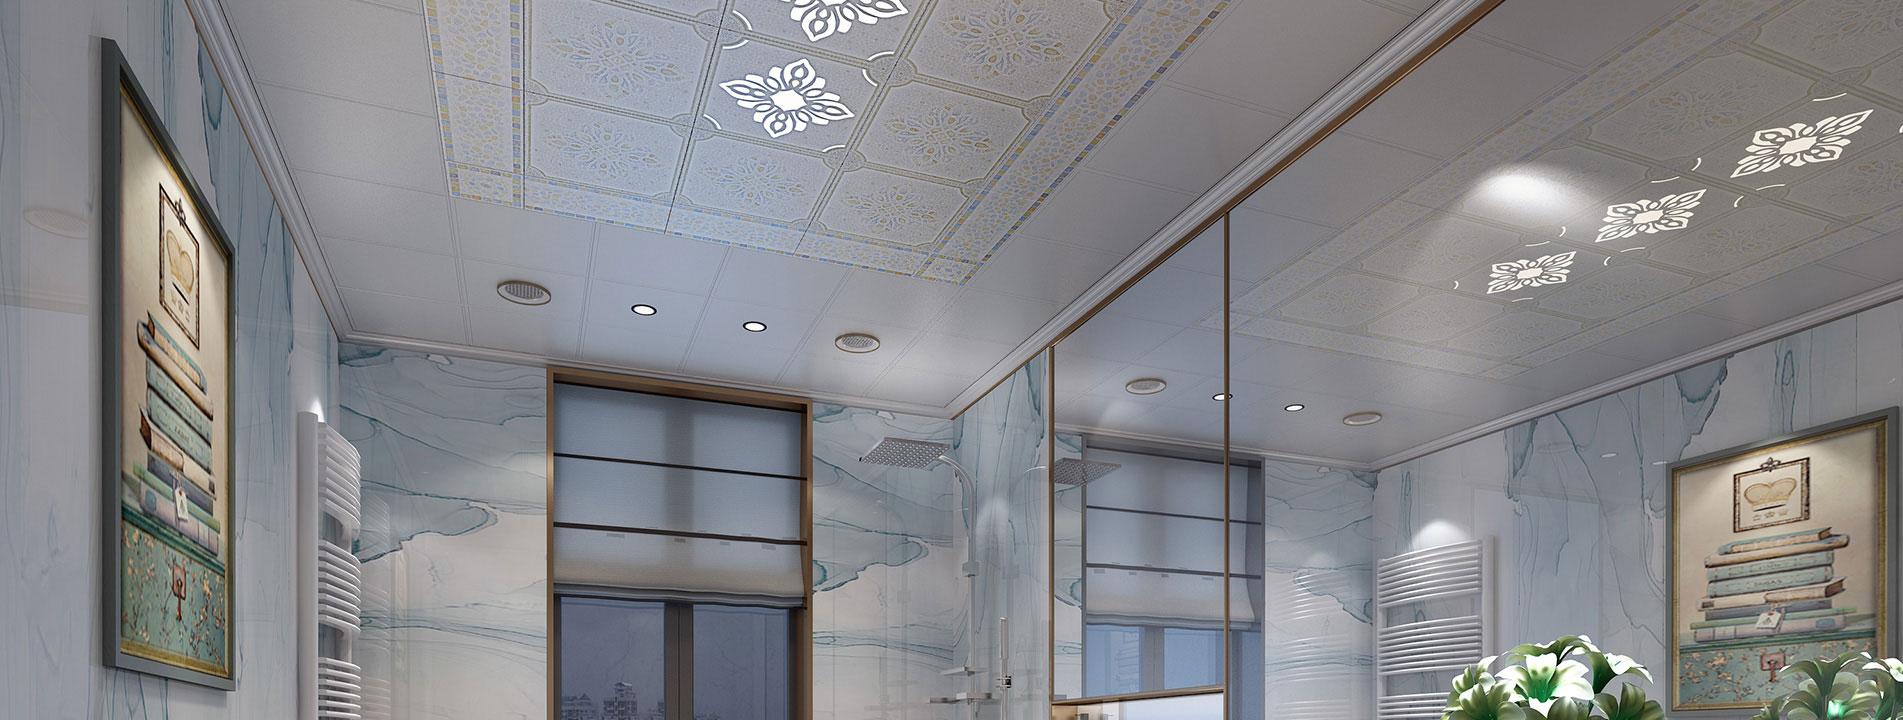 衛生間集成吊頂與集成墻面整裝效果圖